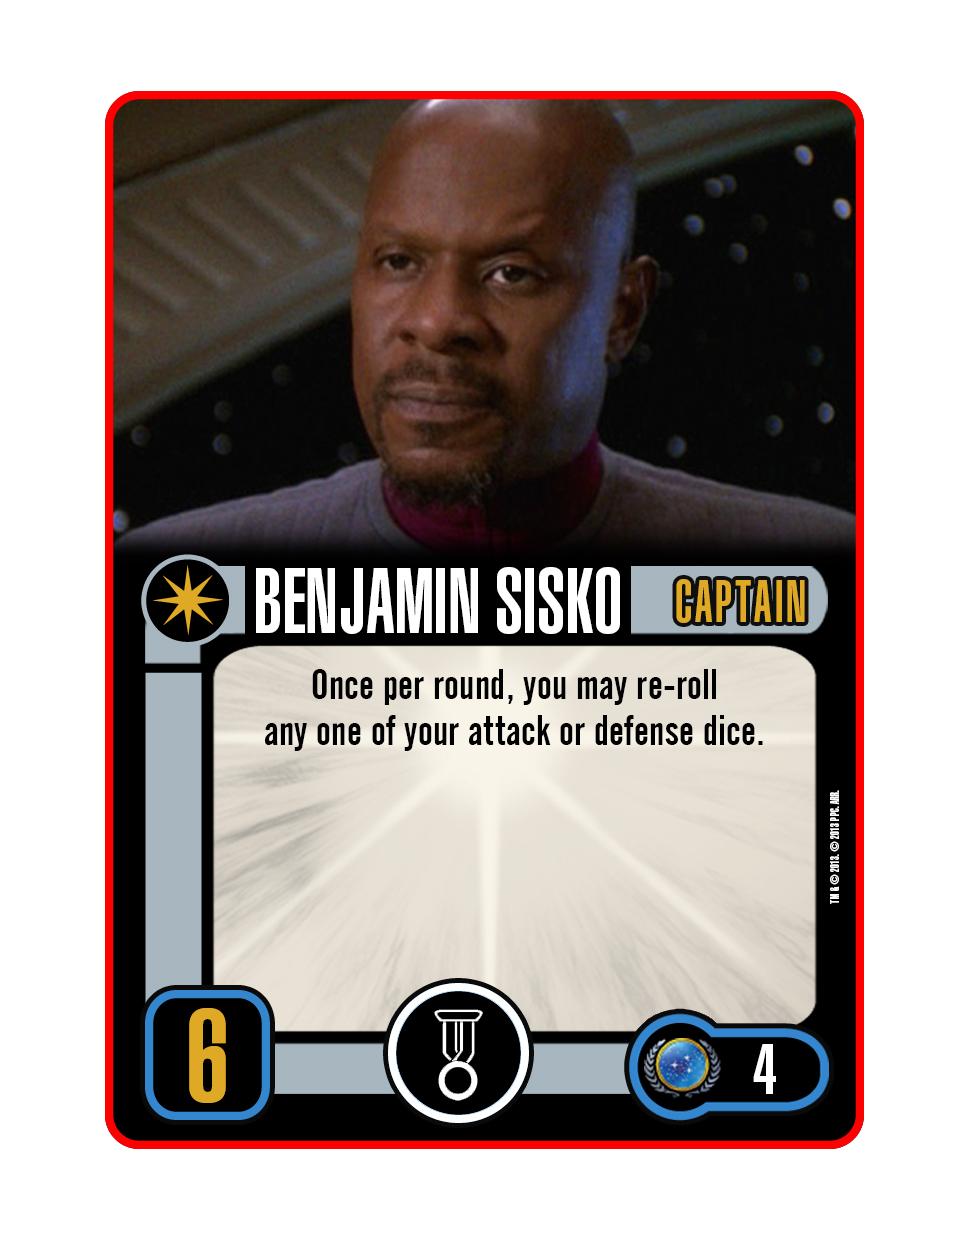 Captain - Benjamin Sisko